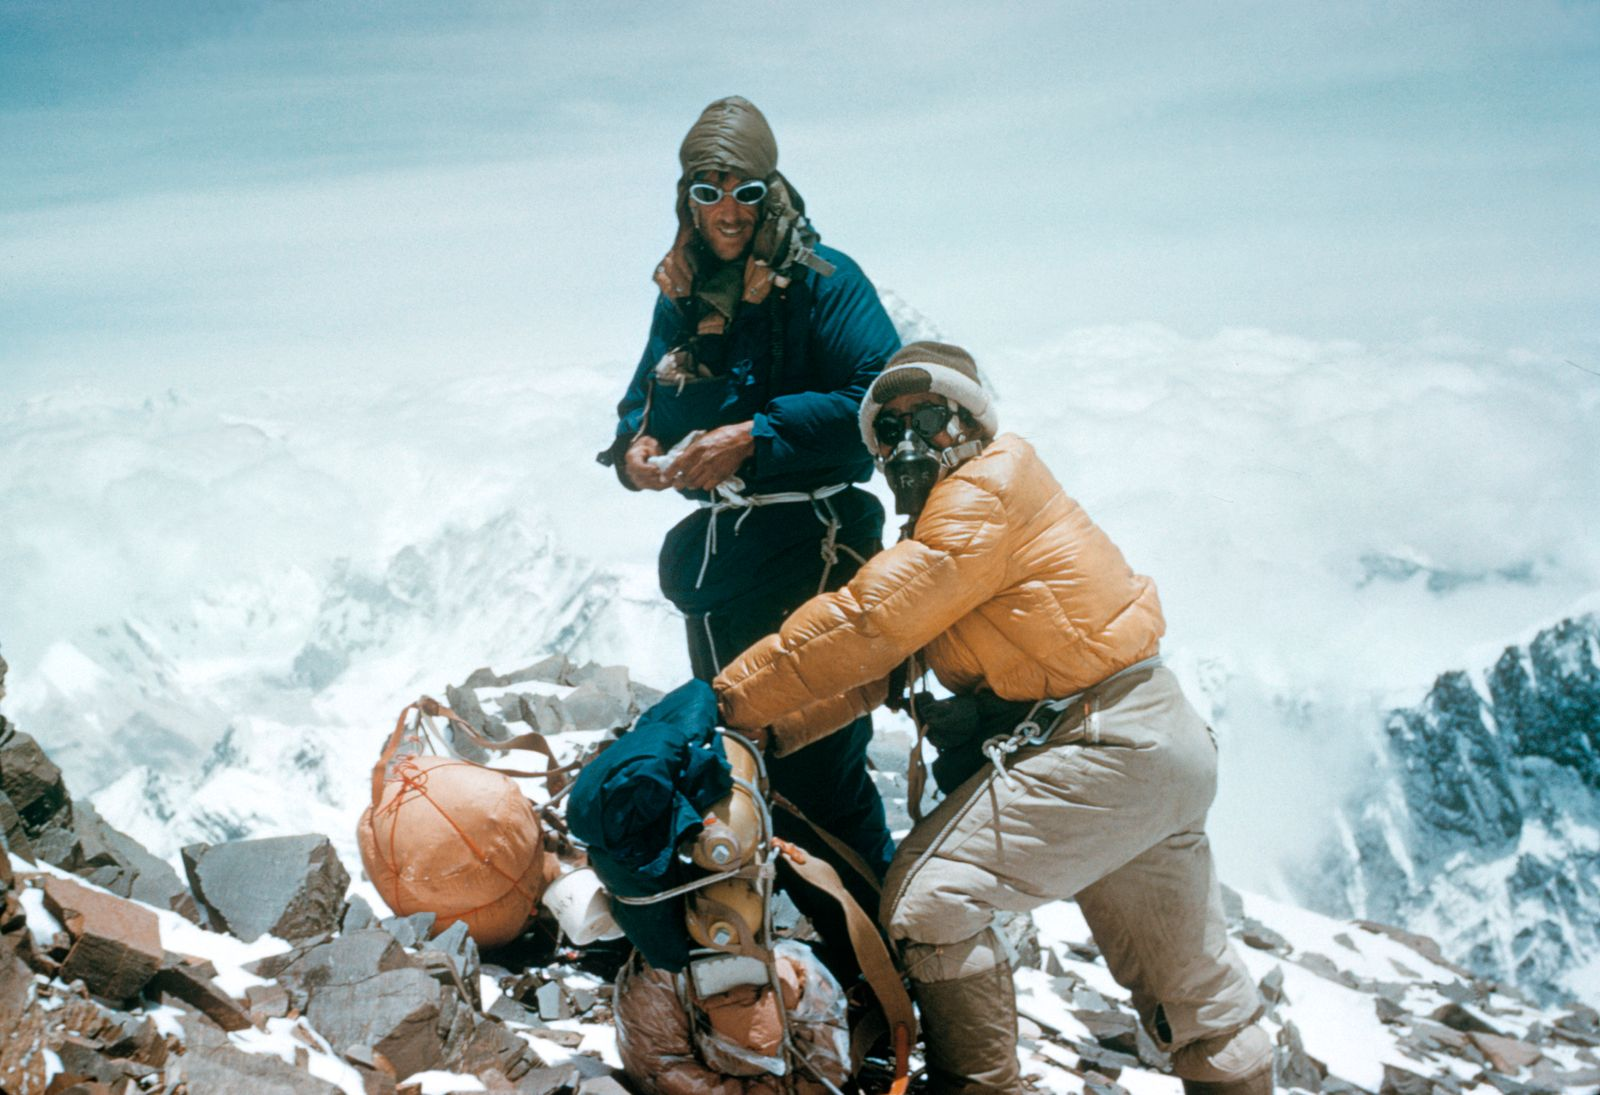 E.Hillary u.T.Norgay, Erstbesteigung des Mount Everest 1953 - E.Hillary & T.Norgay, Climb of Mt.Everest / Photo / 1953 -